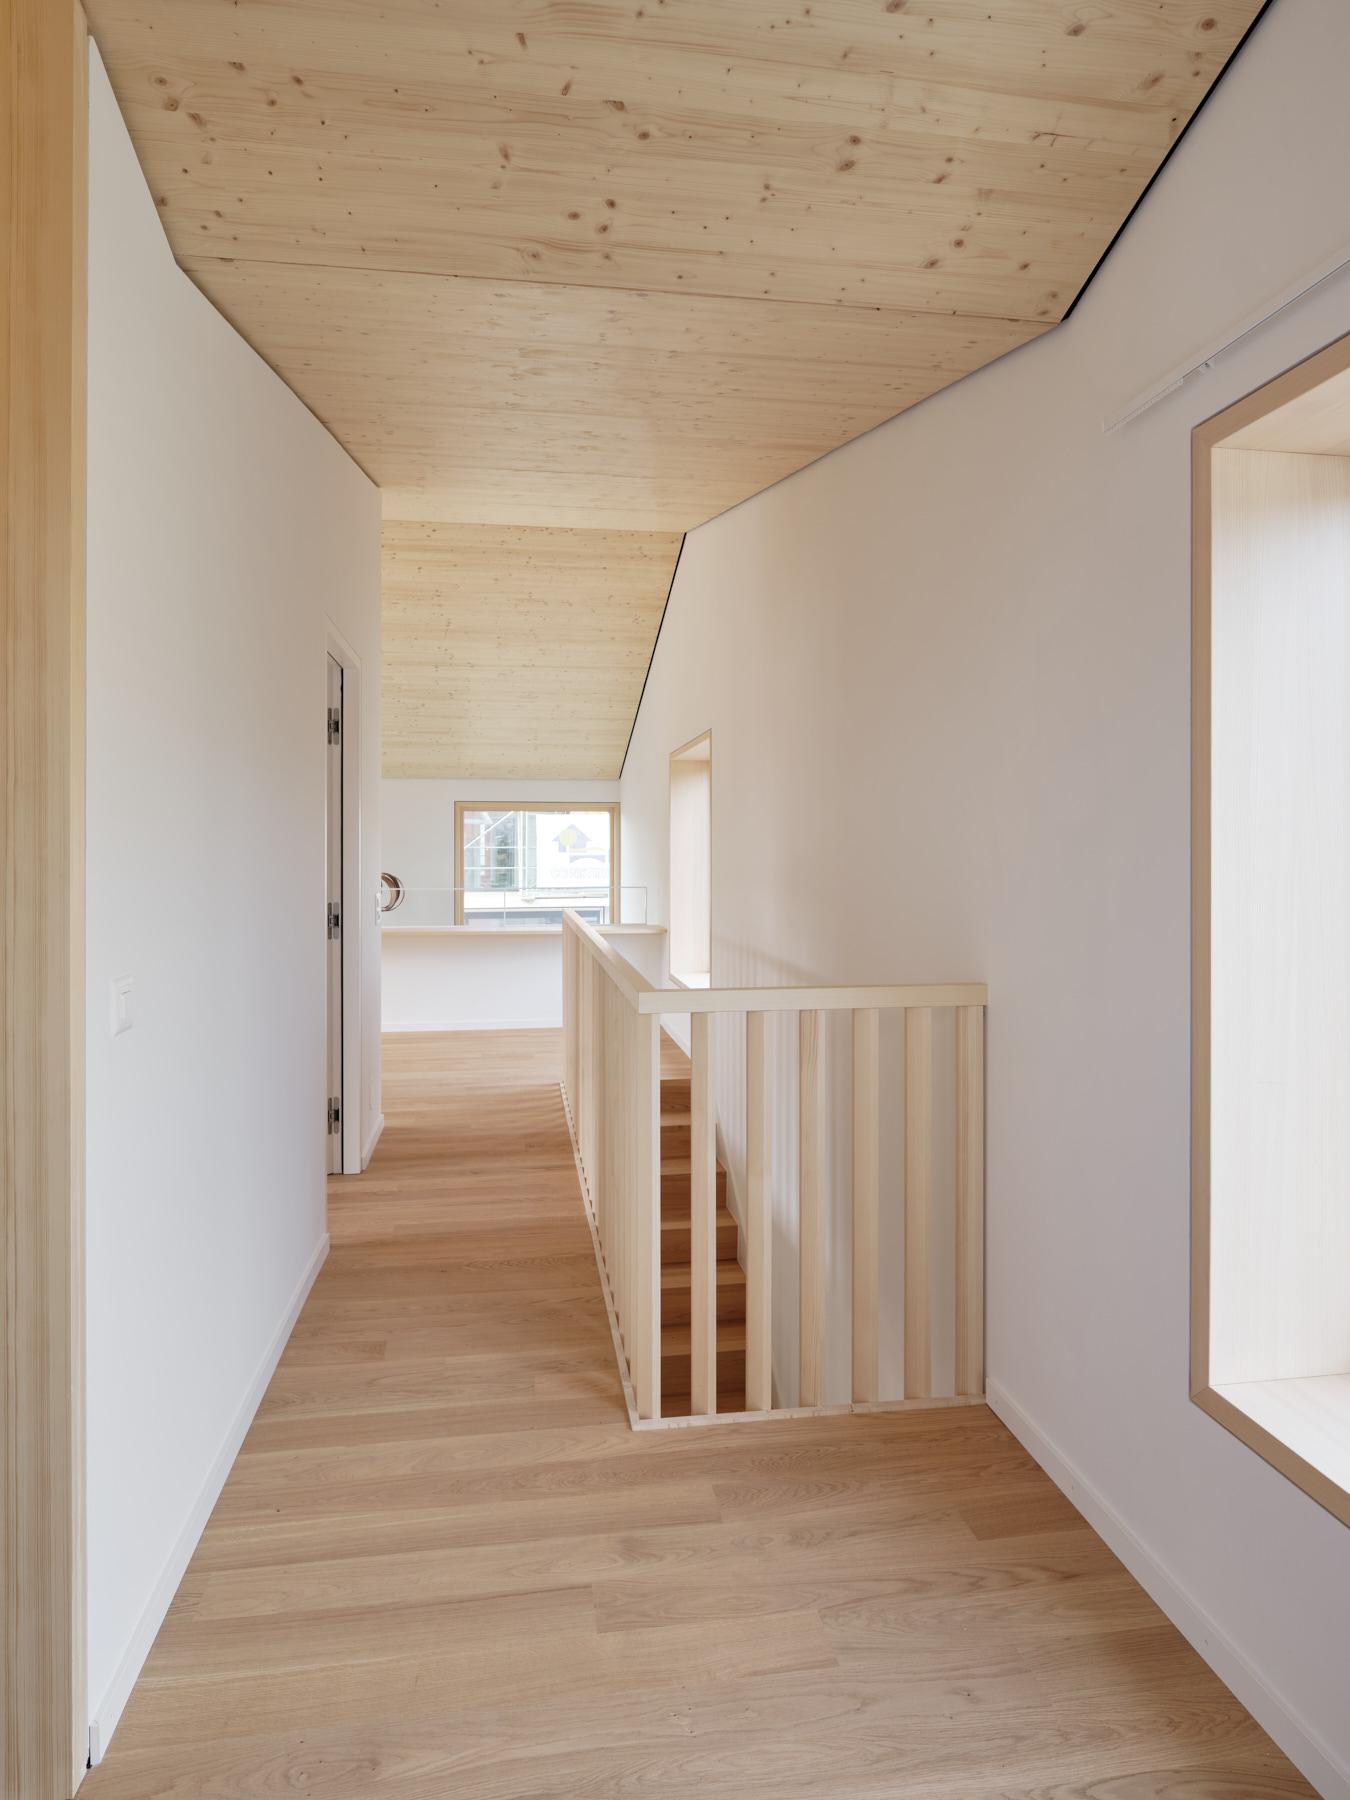 Maison R - toiture en bois - shape architecture